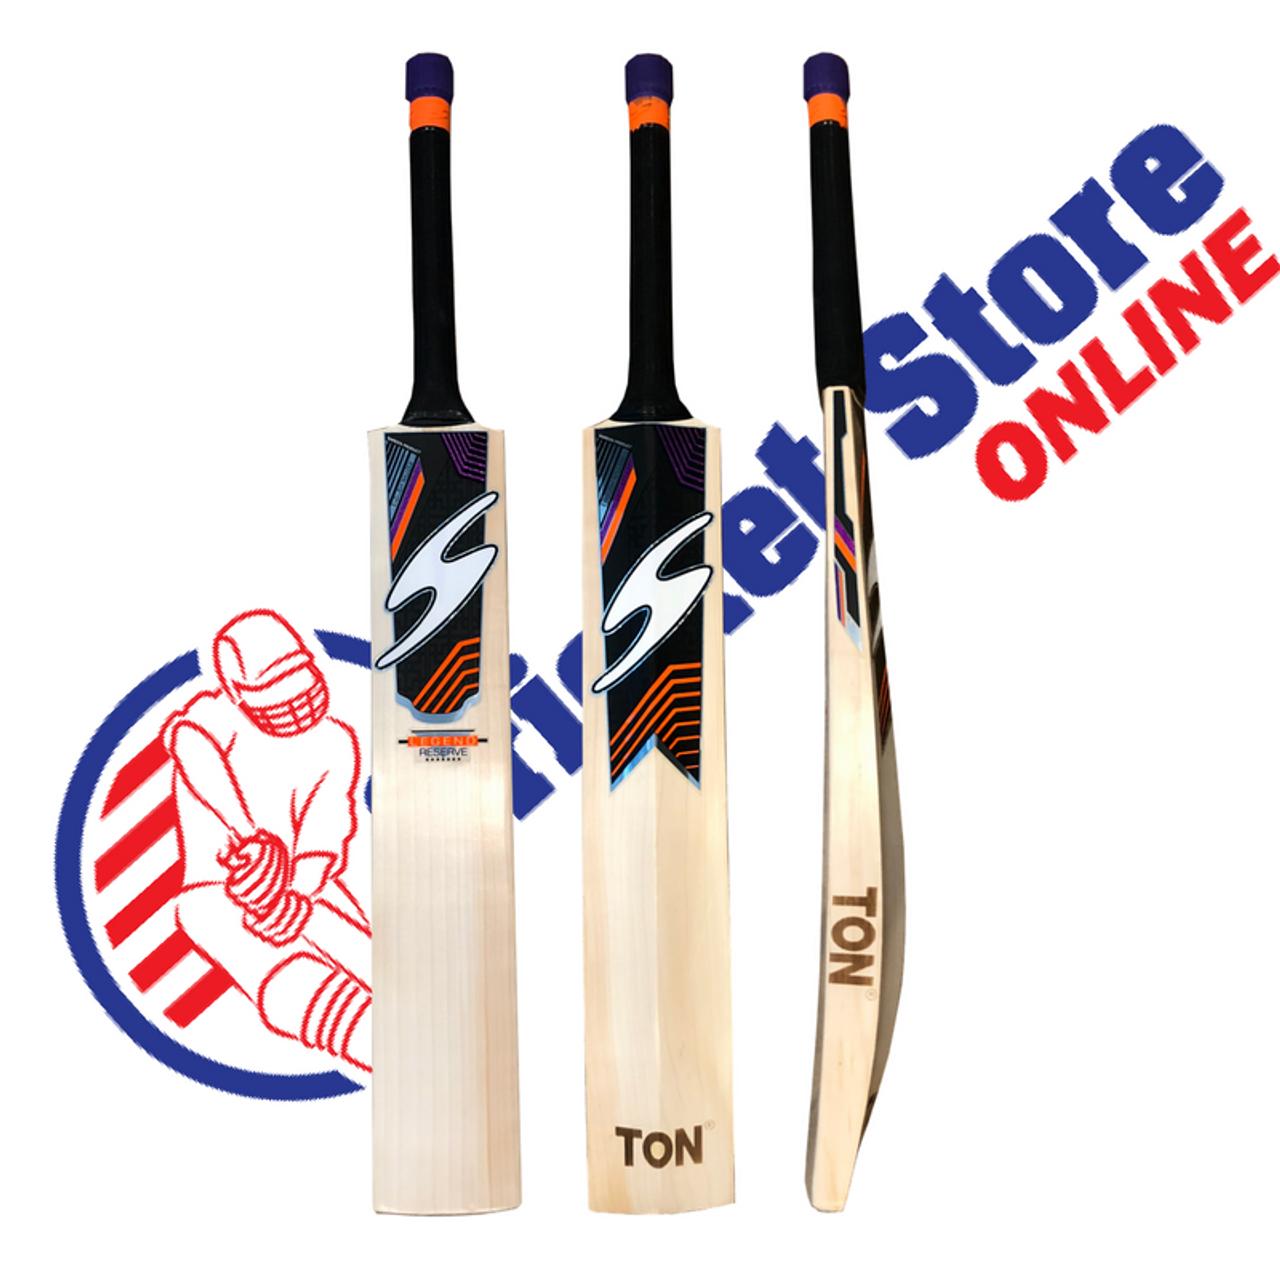 36c848e7a00 SS Legend Reserve Edition Cricket Bat 2018 image 1